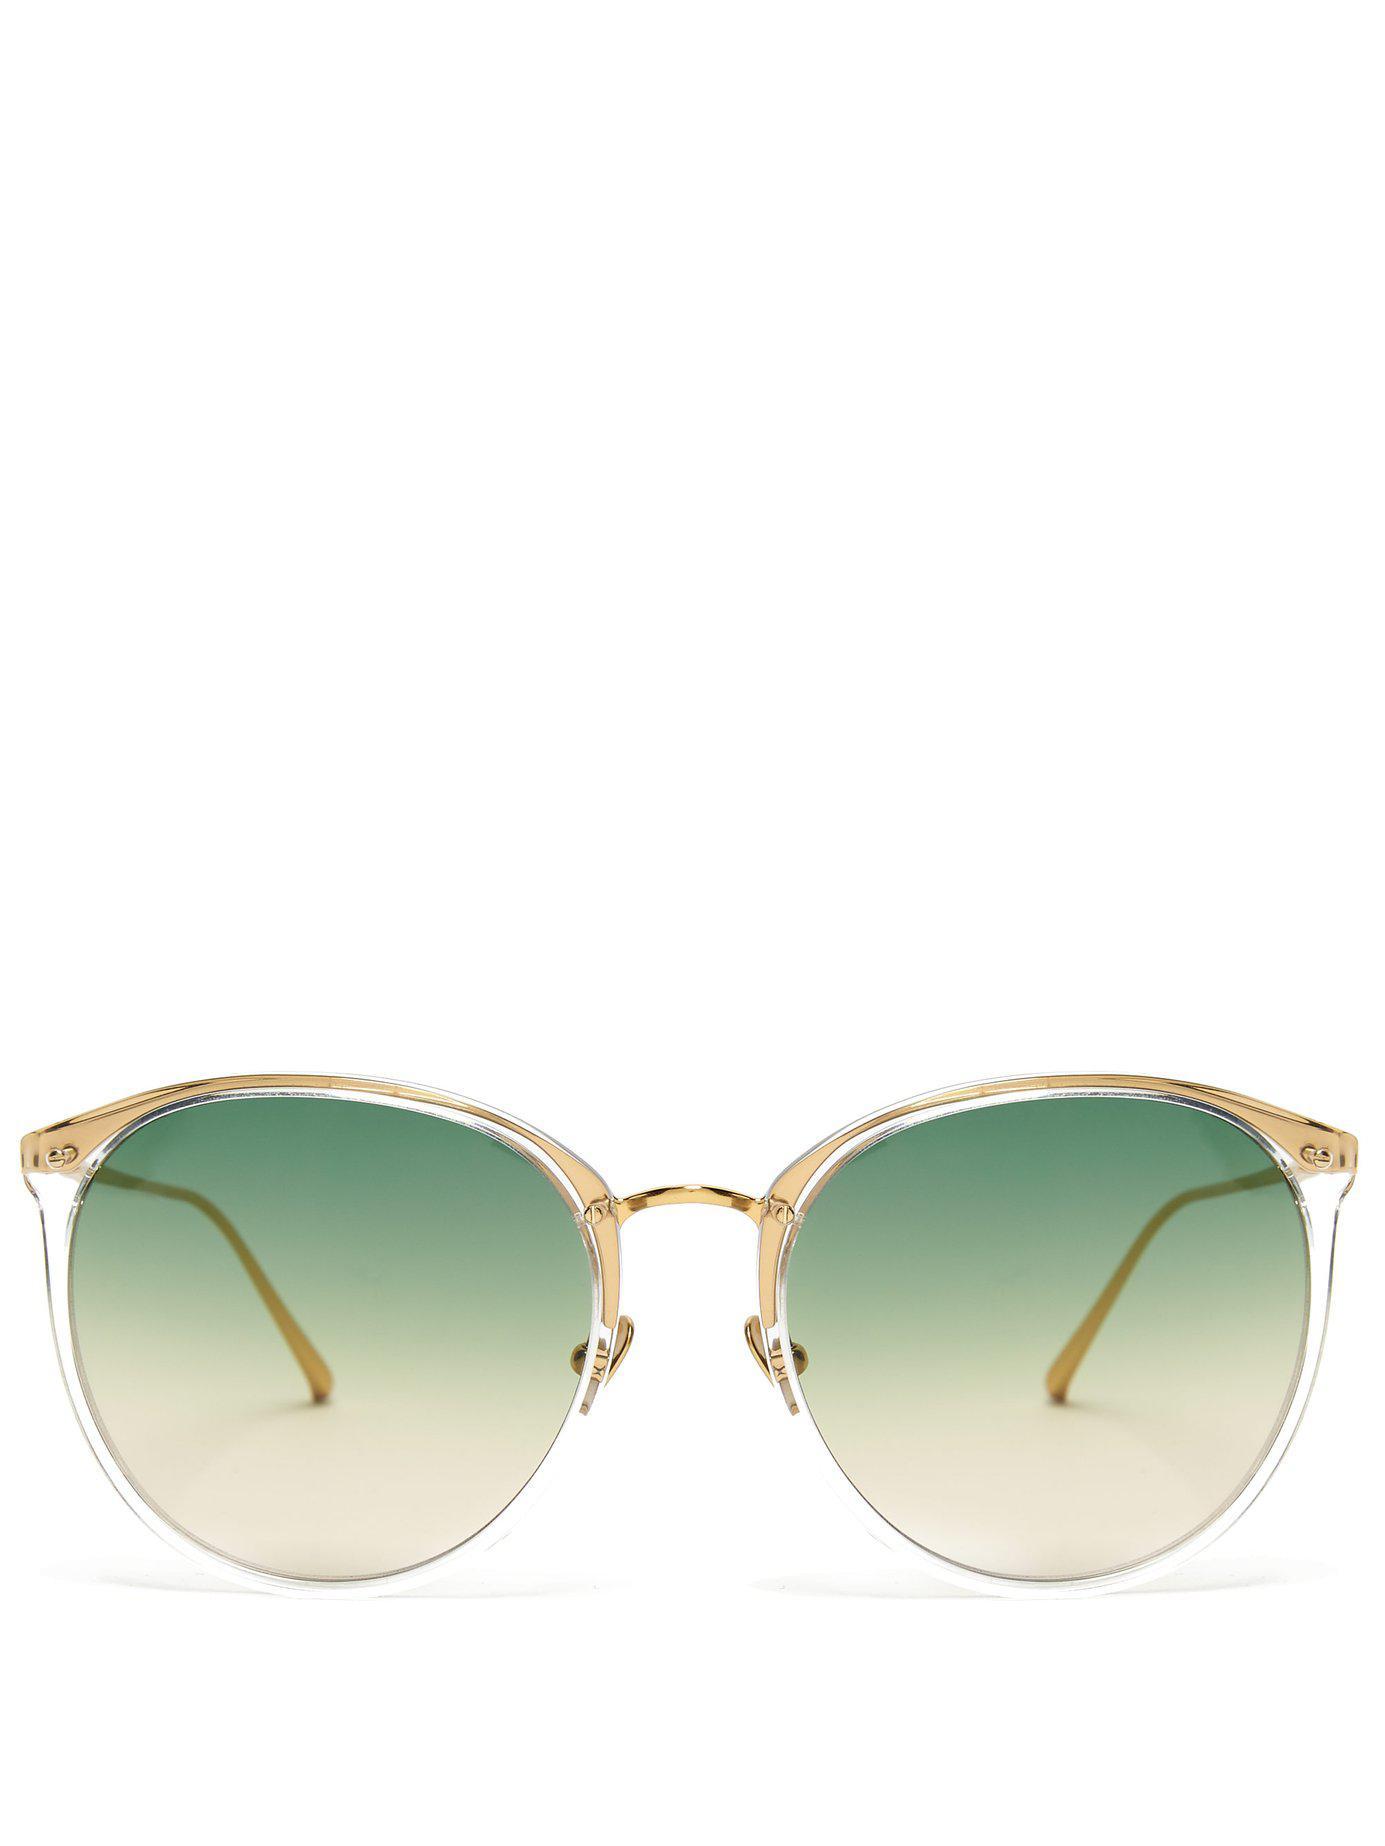 449881c07ab1 Lyst - Linda Farrow Round Titanium Sunglasses in Green